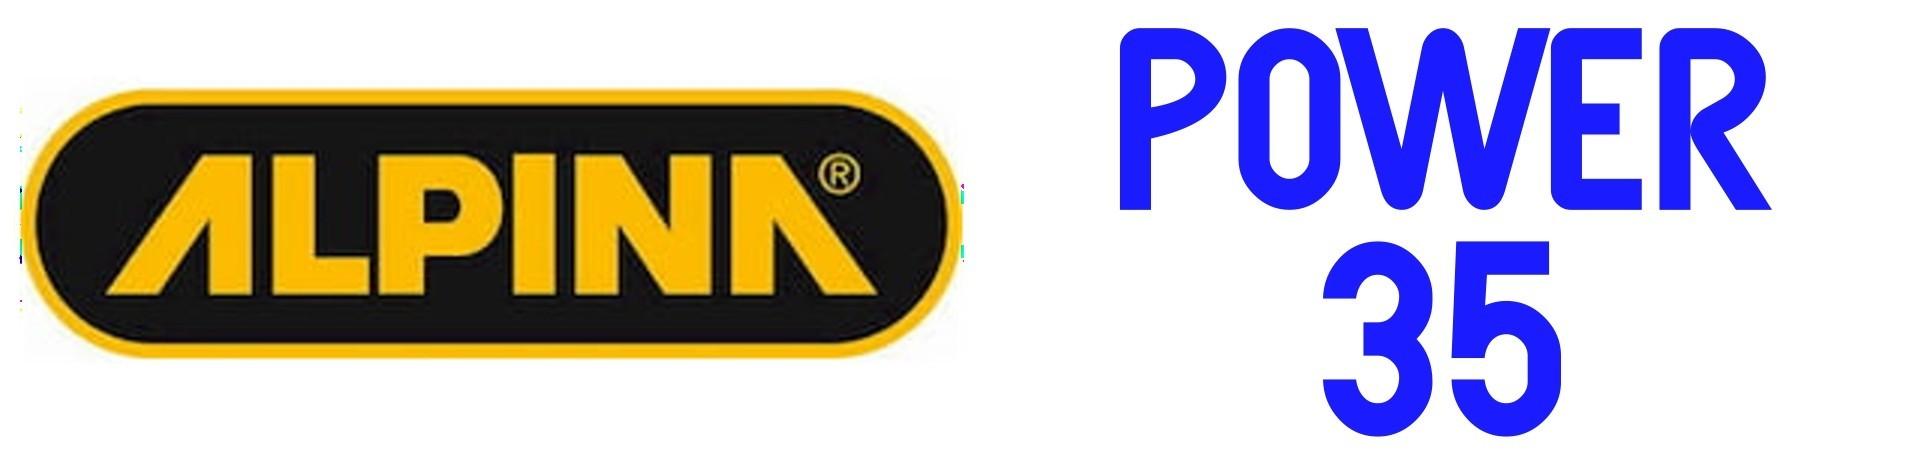 RECAMBIOS para Desbrozador Alpina POWER 35 con Mejor PRECIO del Mercado